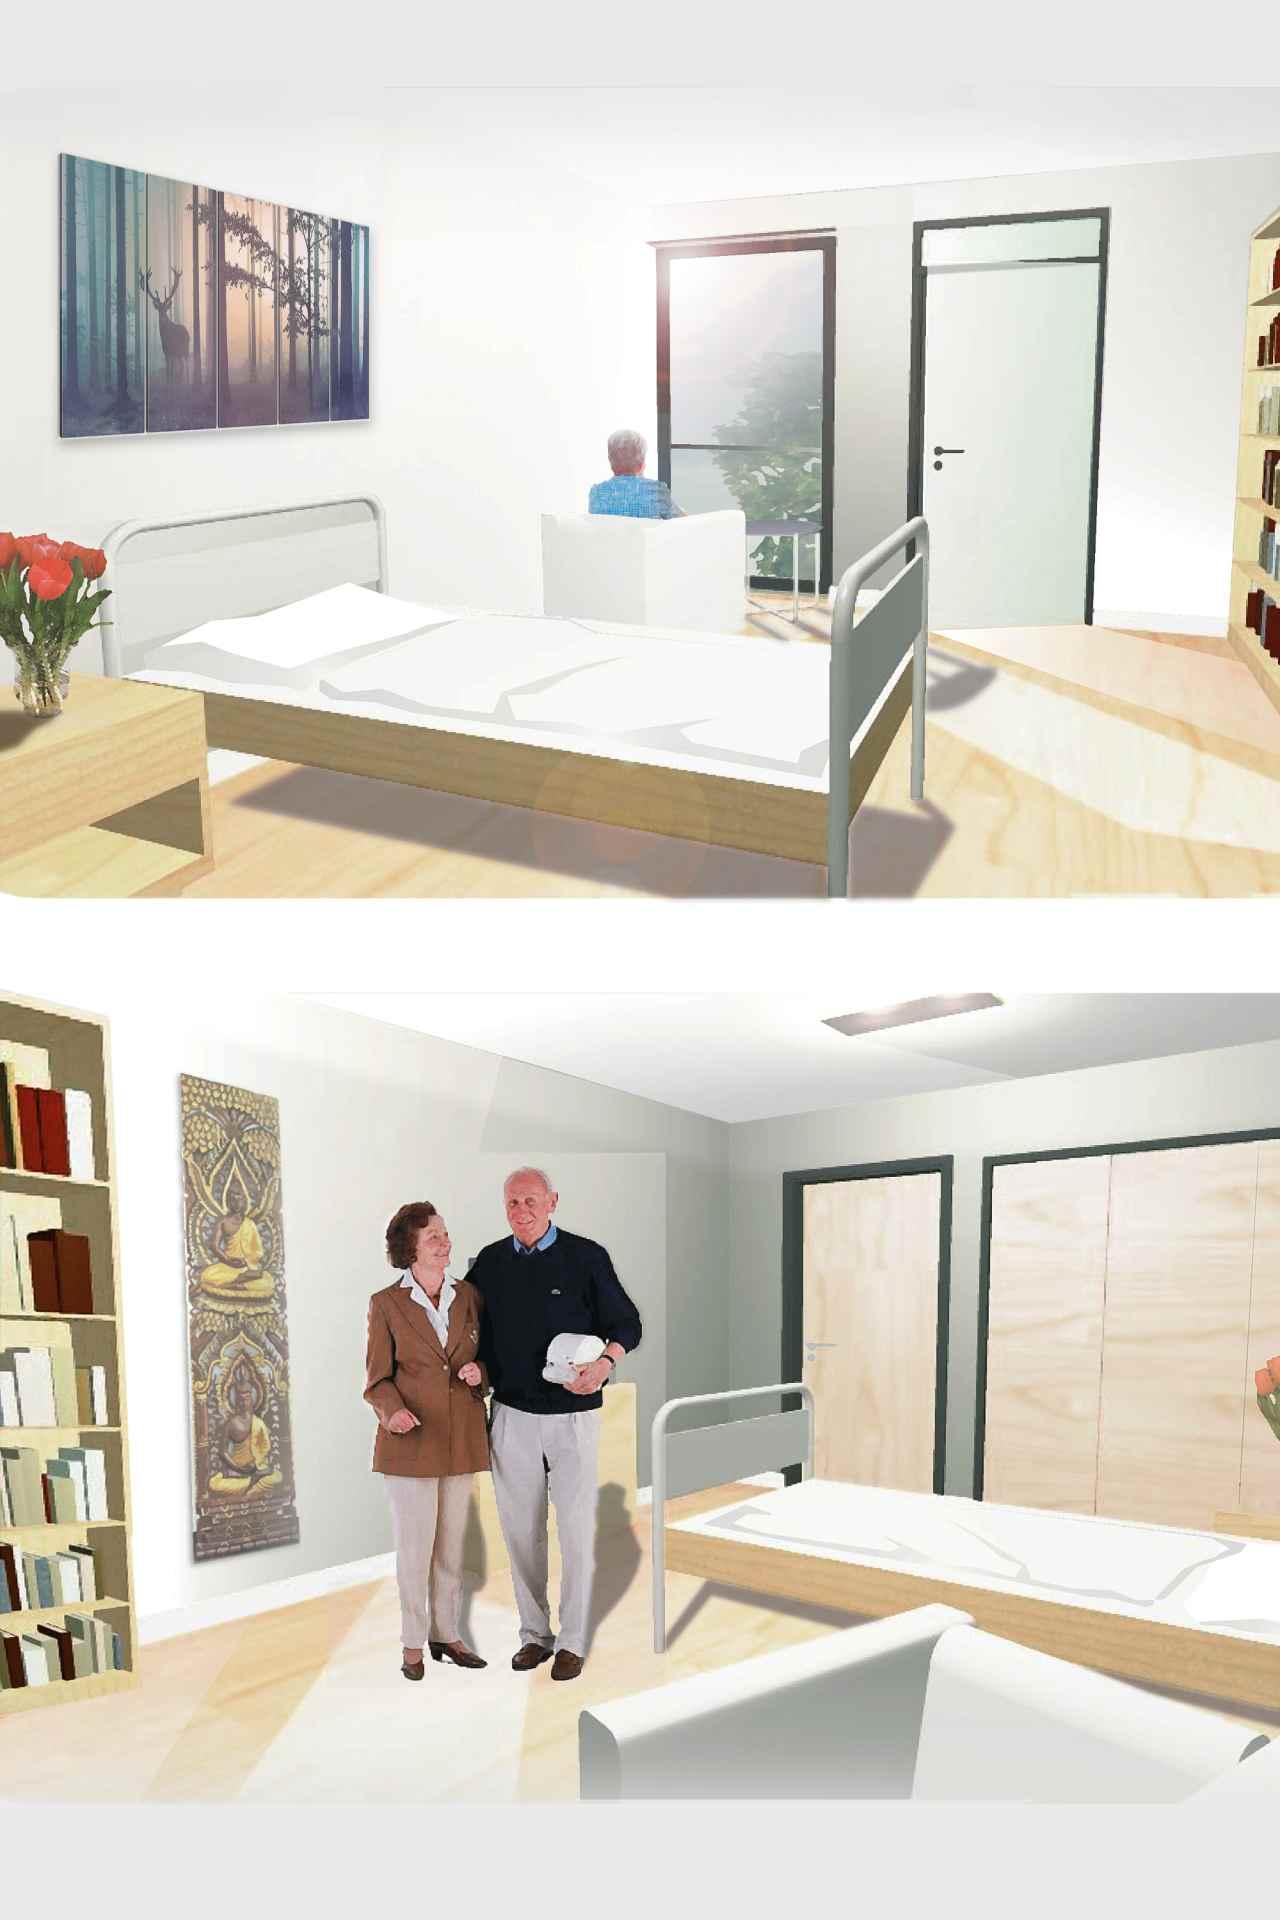 WAS (Wettbewerbe und Entwürfe + Sozial- und Sonderbauten) Umgestaltung/Anbau Alten- und Pflegeheim